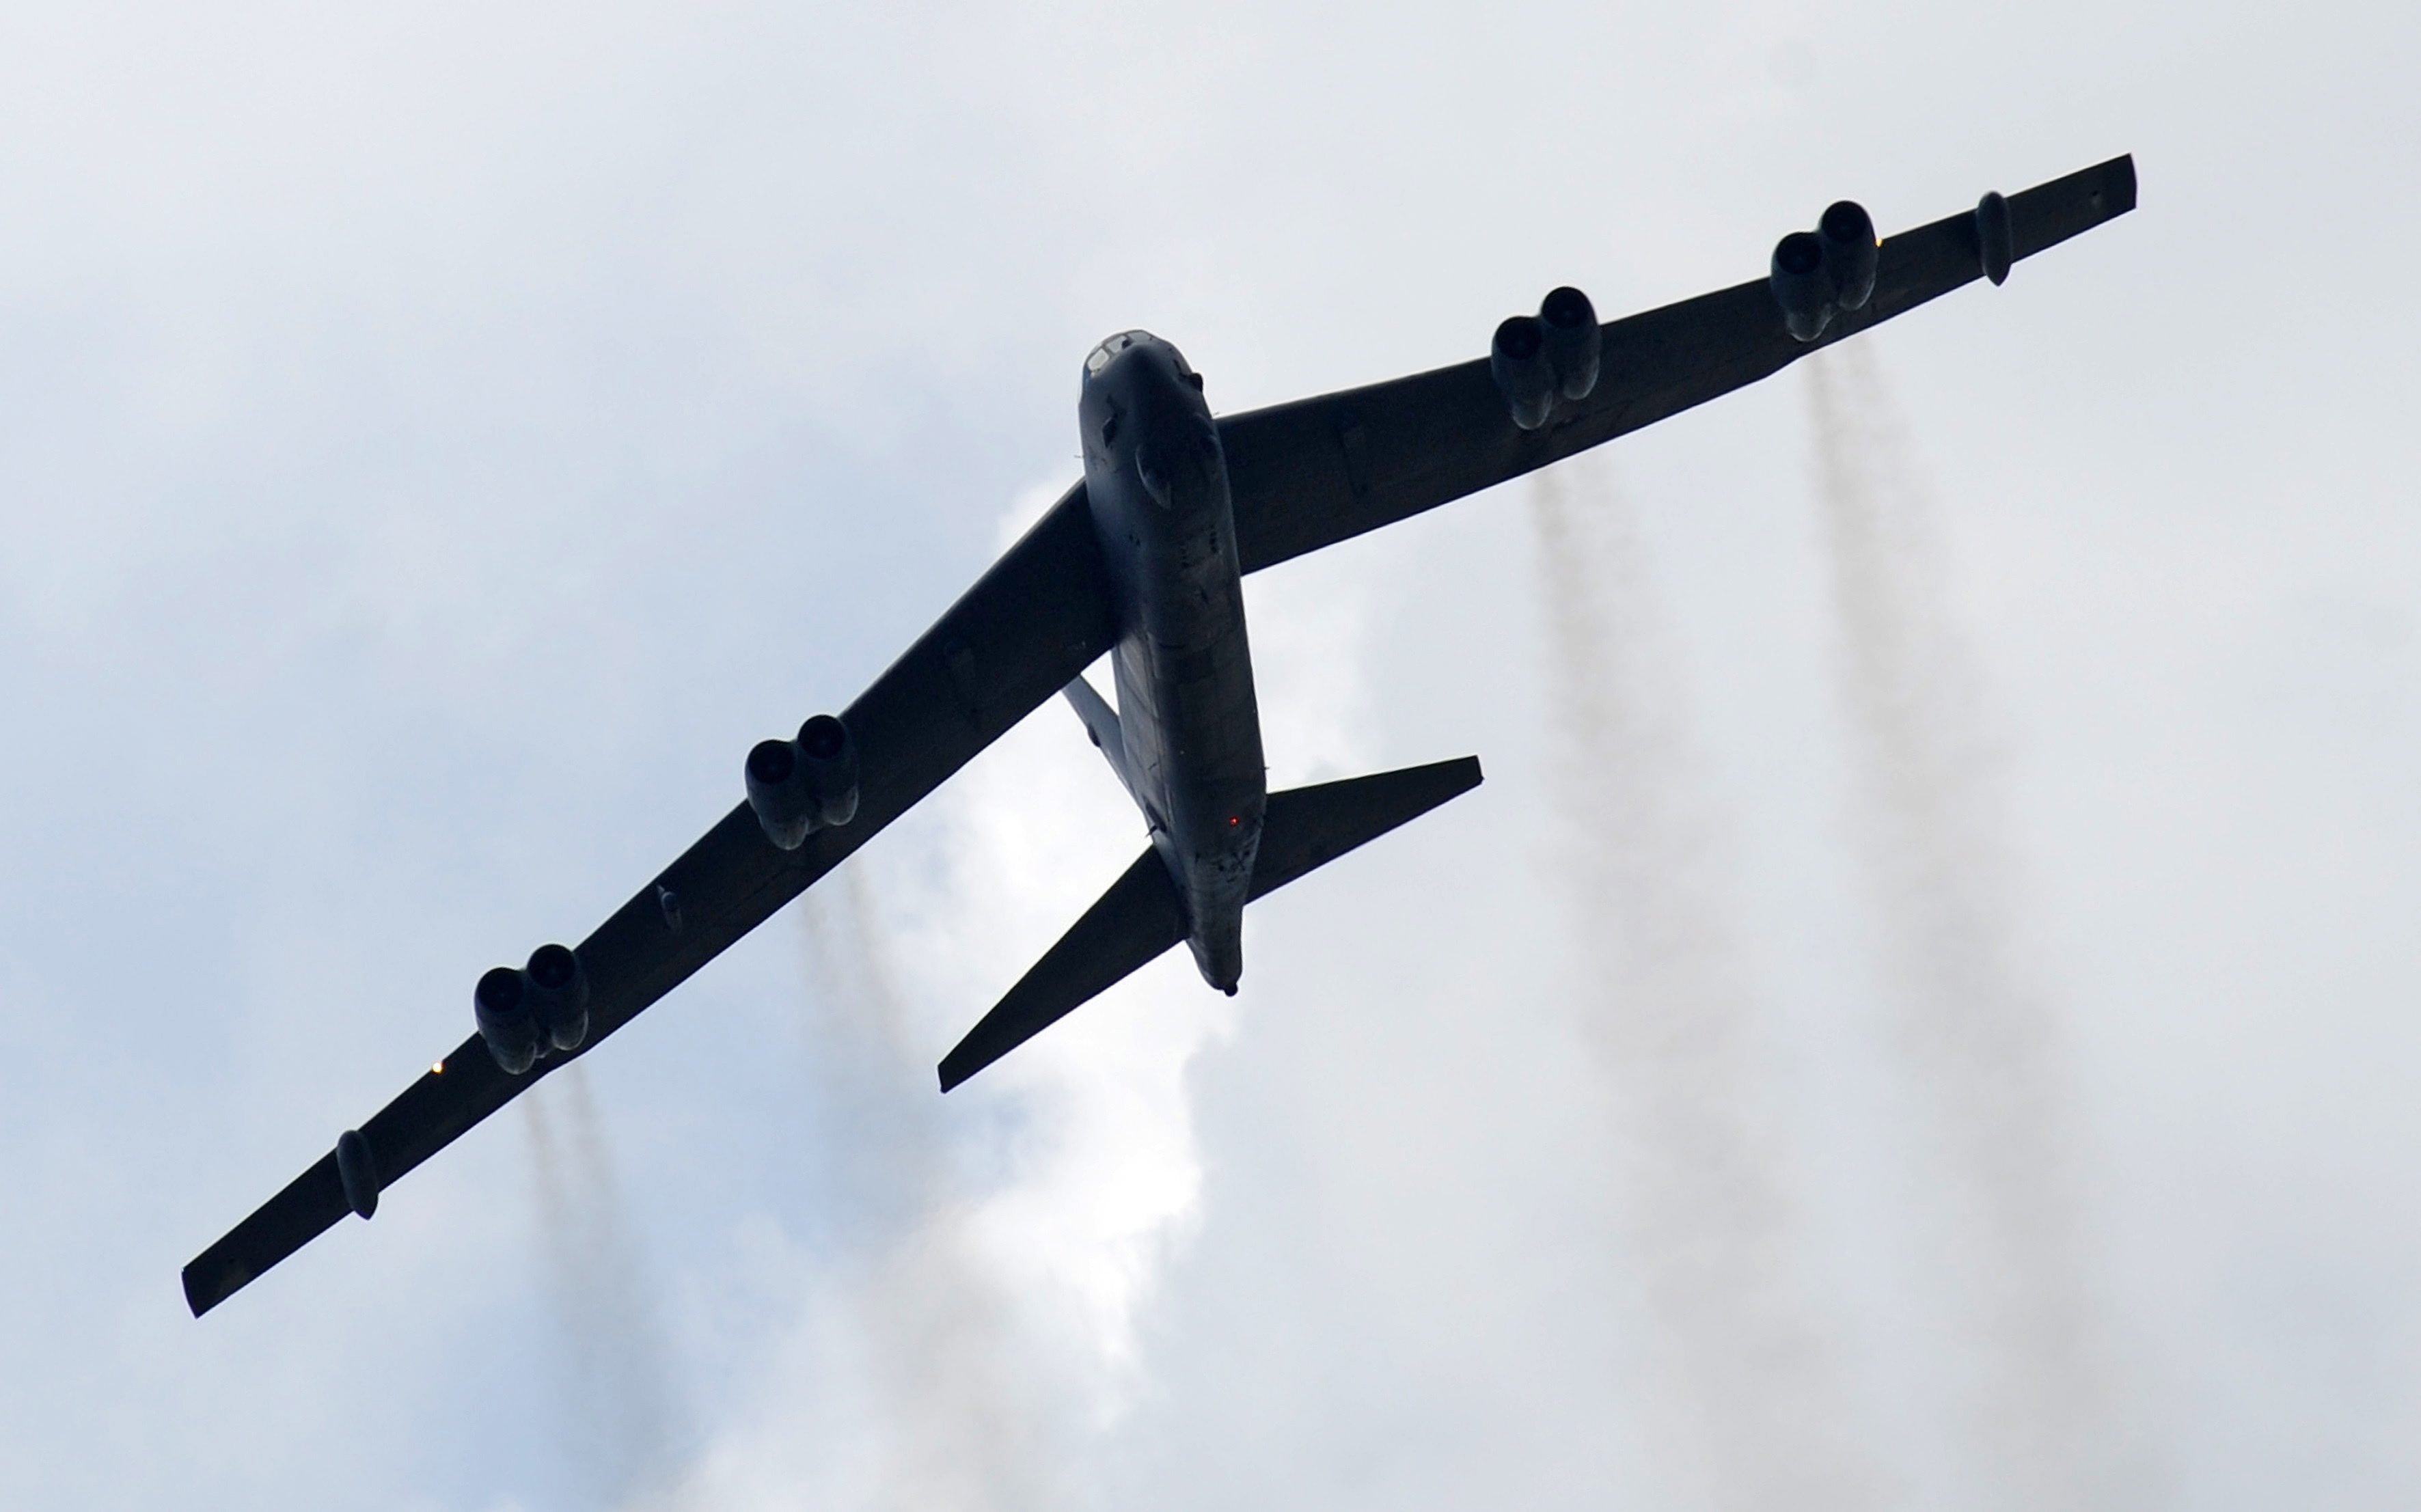 Erst im Jahr 2040 soll die Ära der B-52-Bomberflotte derUS Air Forcenach offiziellen Plänen beendet werden.